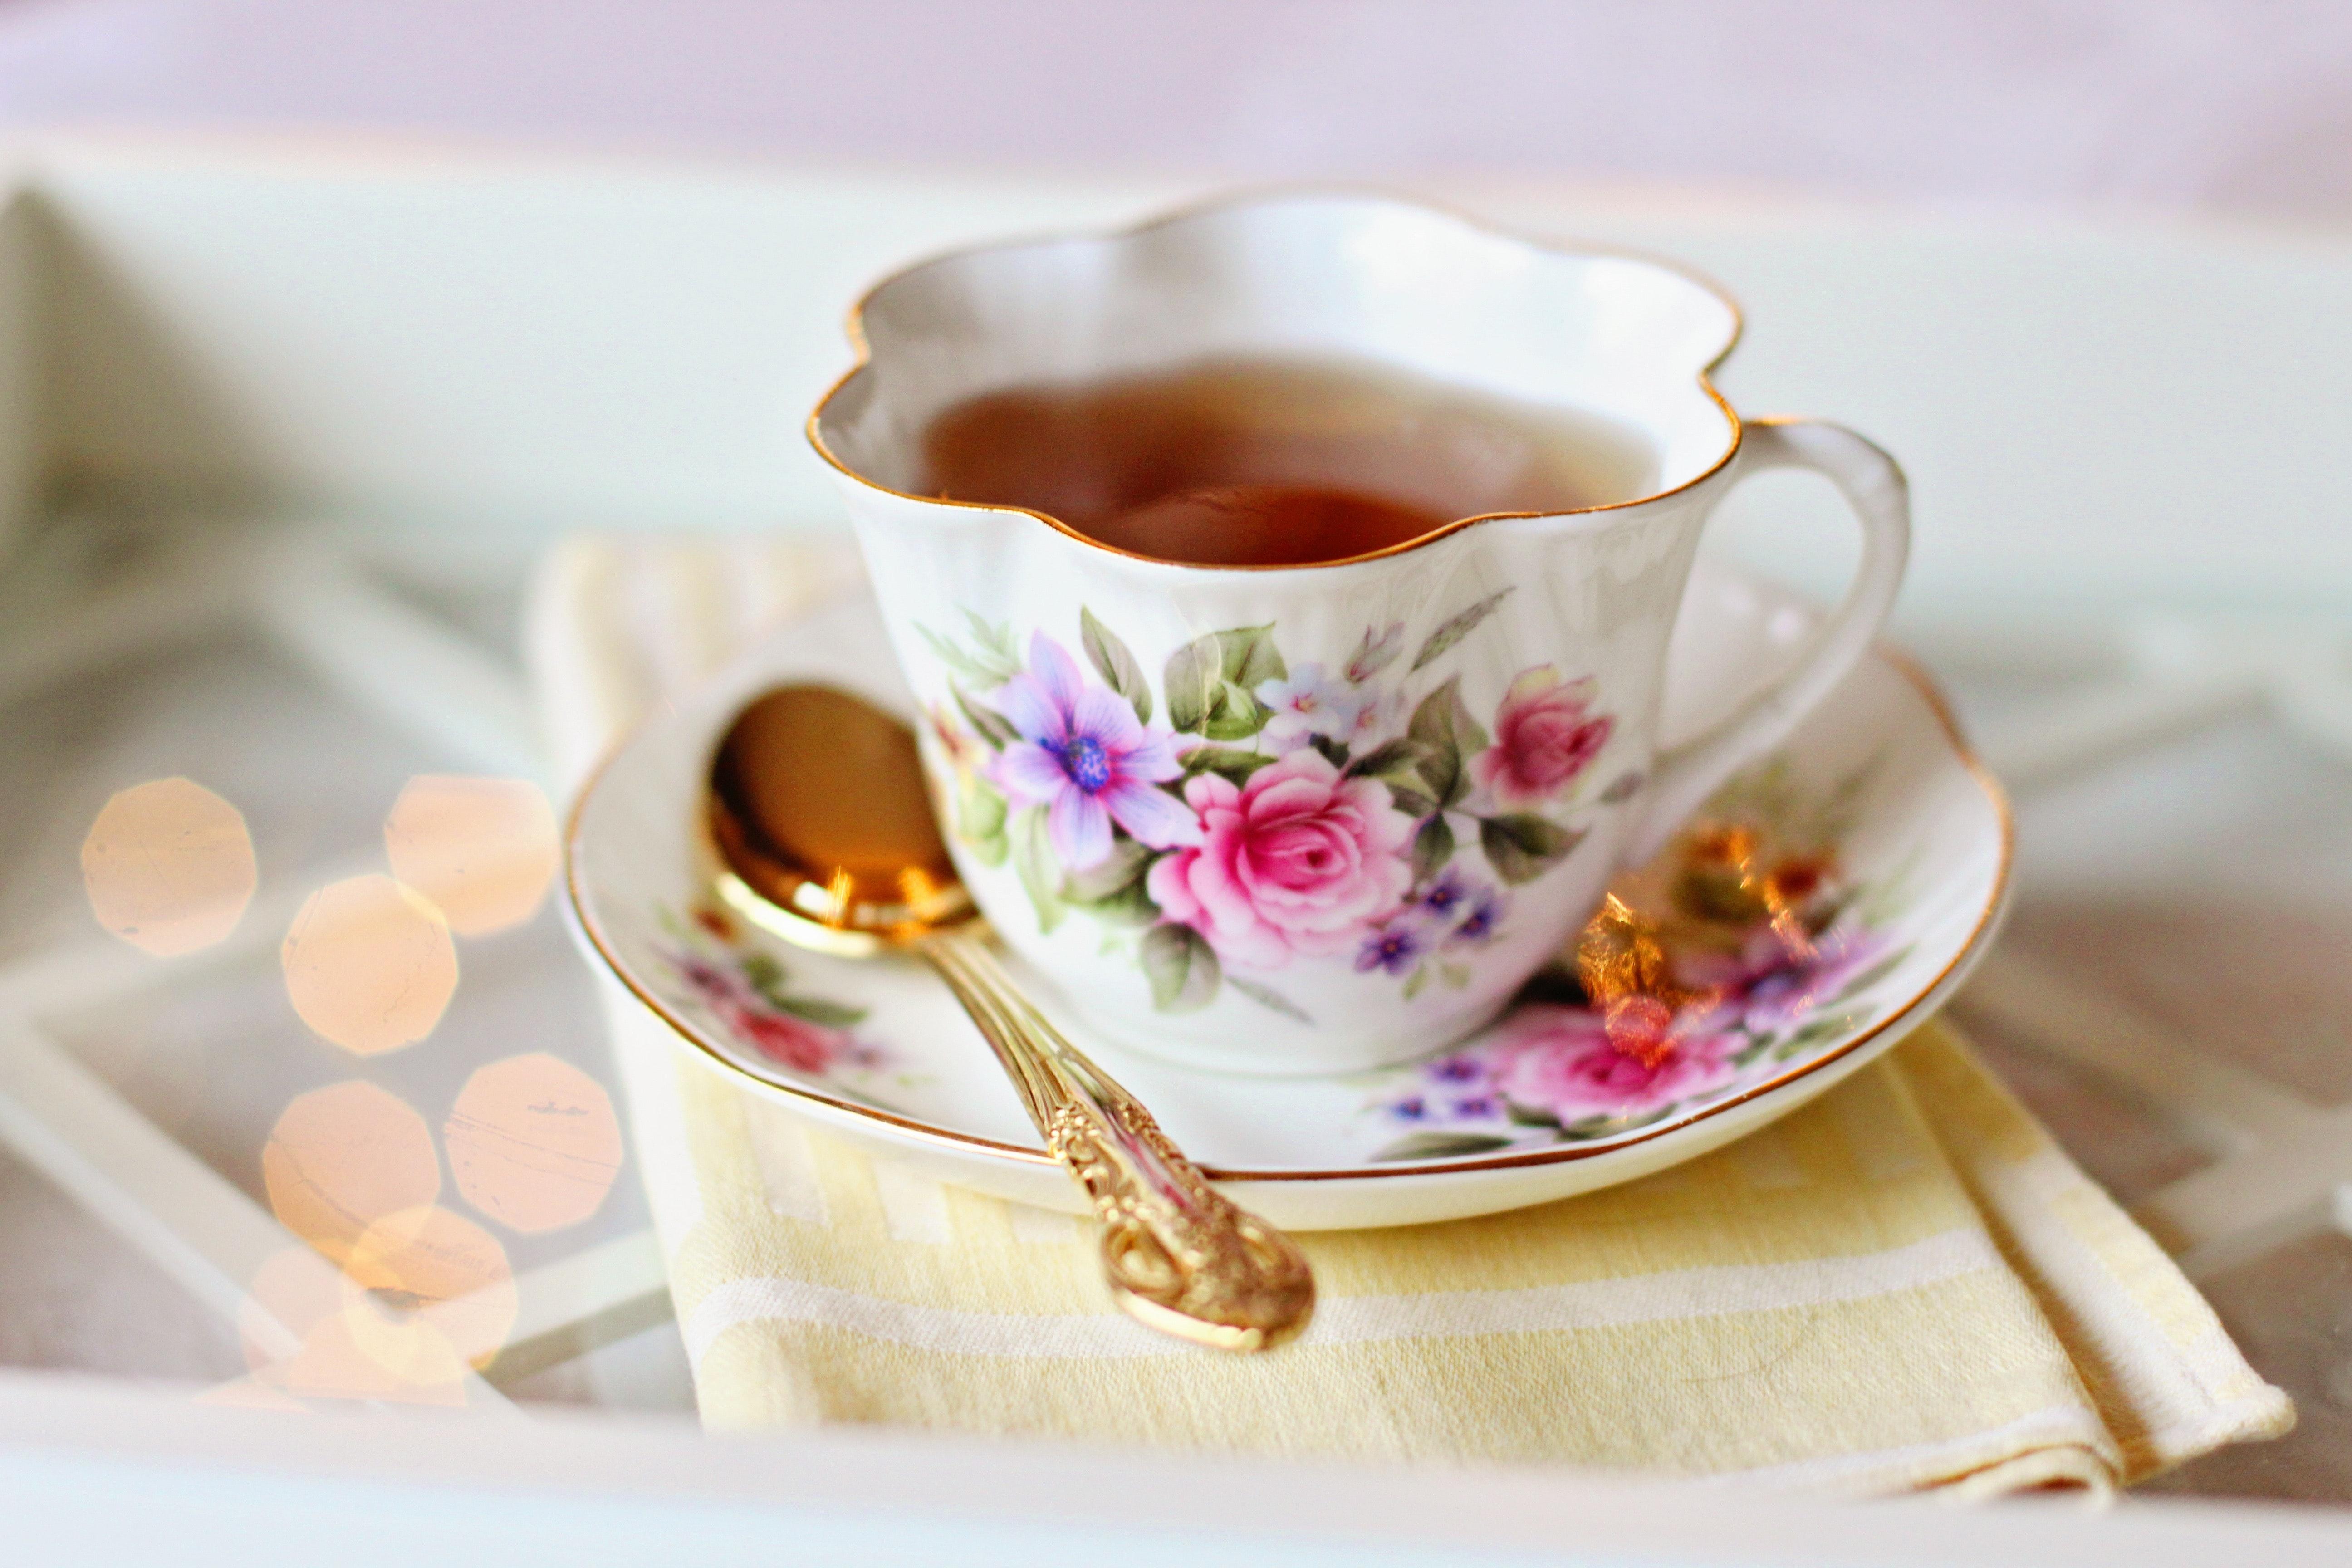 Arsyet pse duhet të pijmë çaj çdo ditë, përfitimet janë të jashtëzakonshme